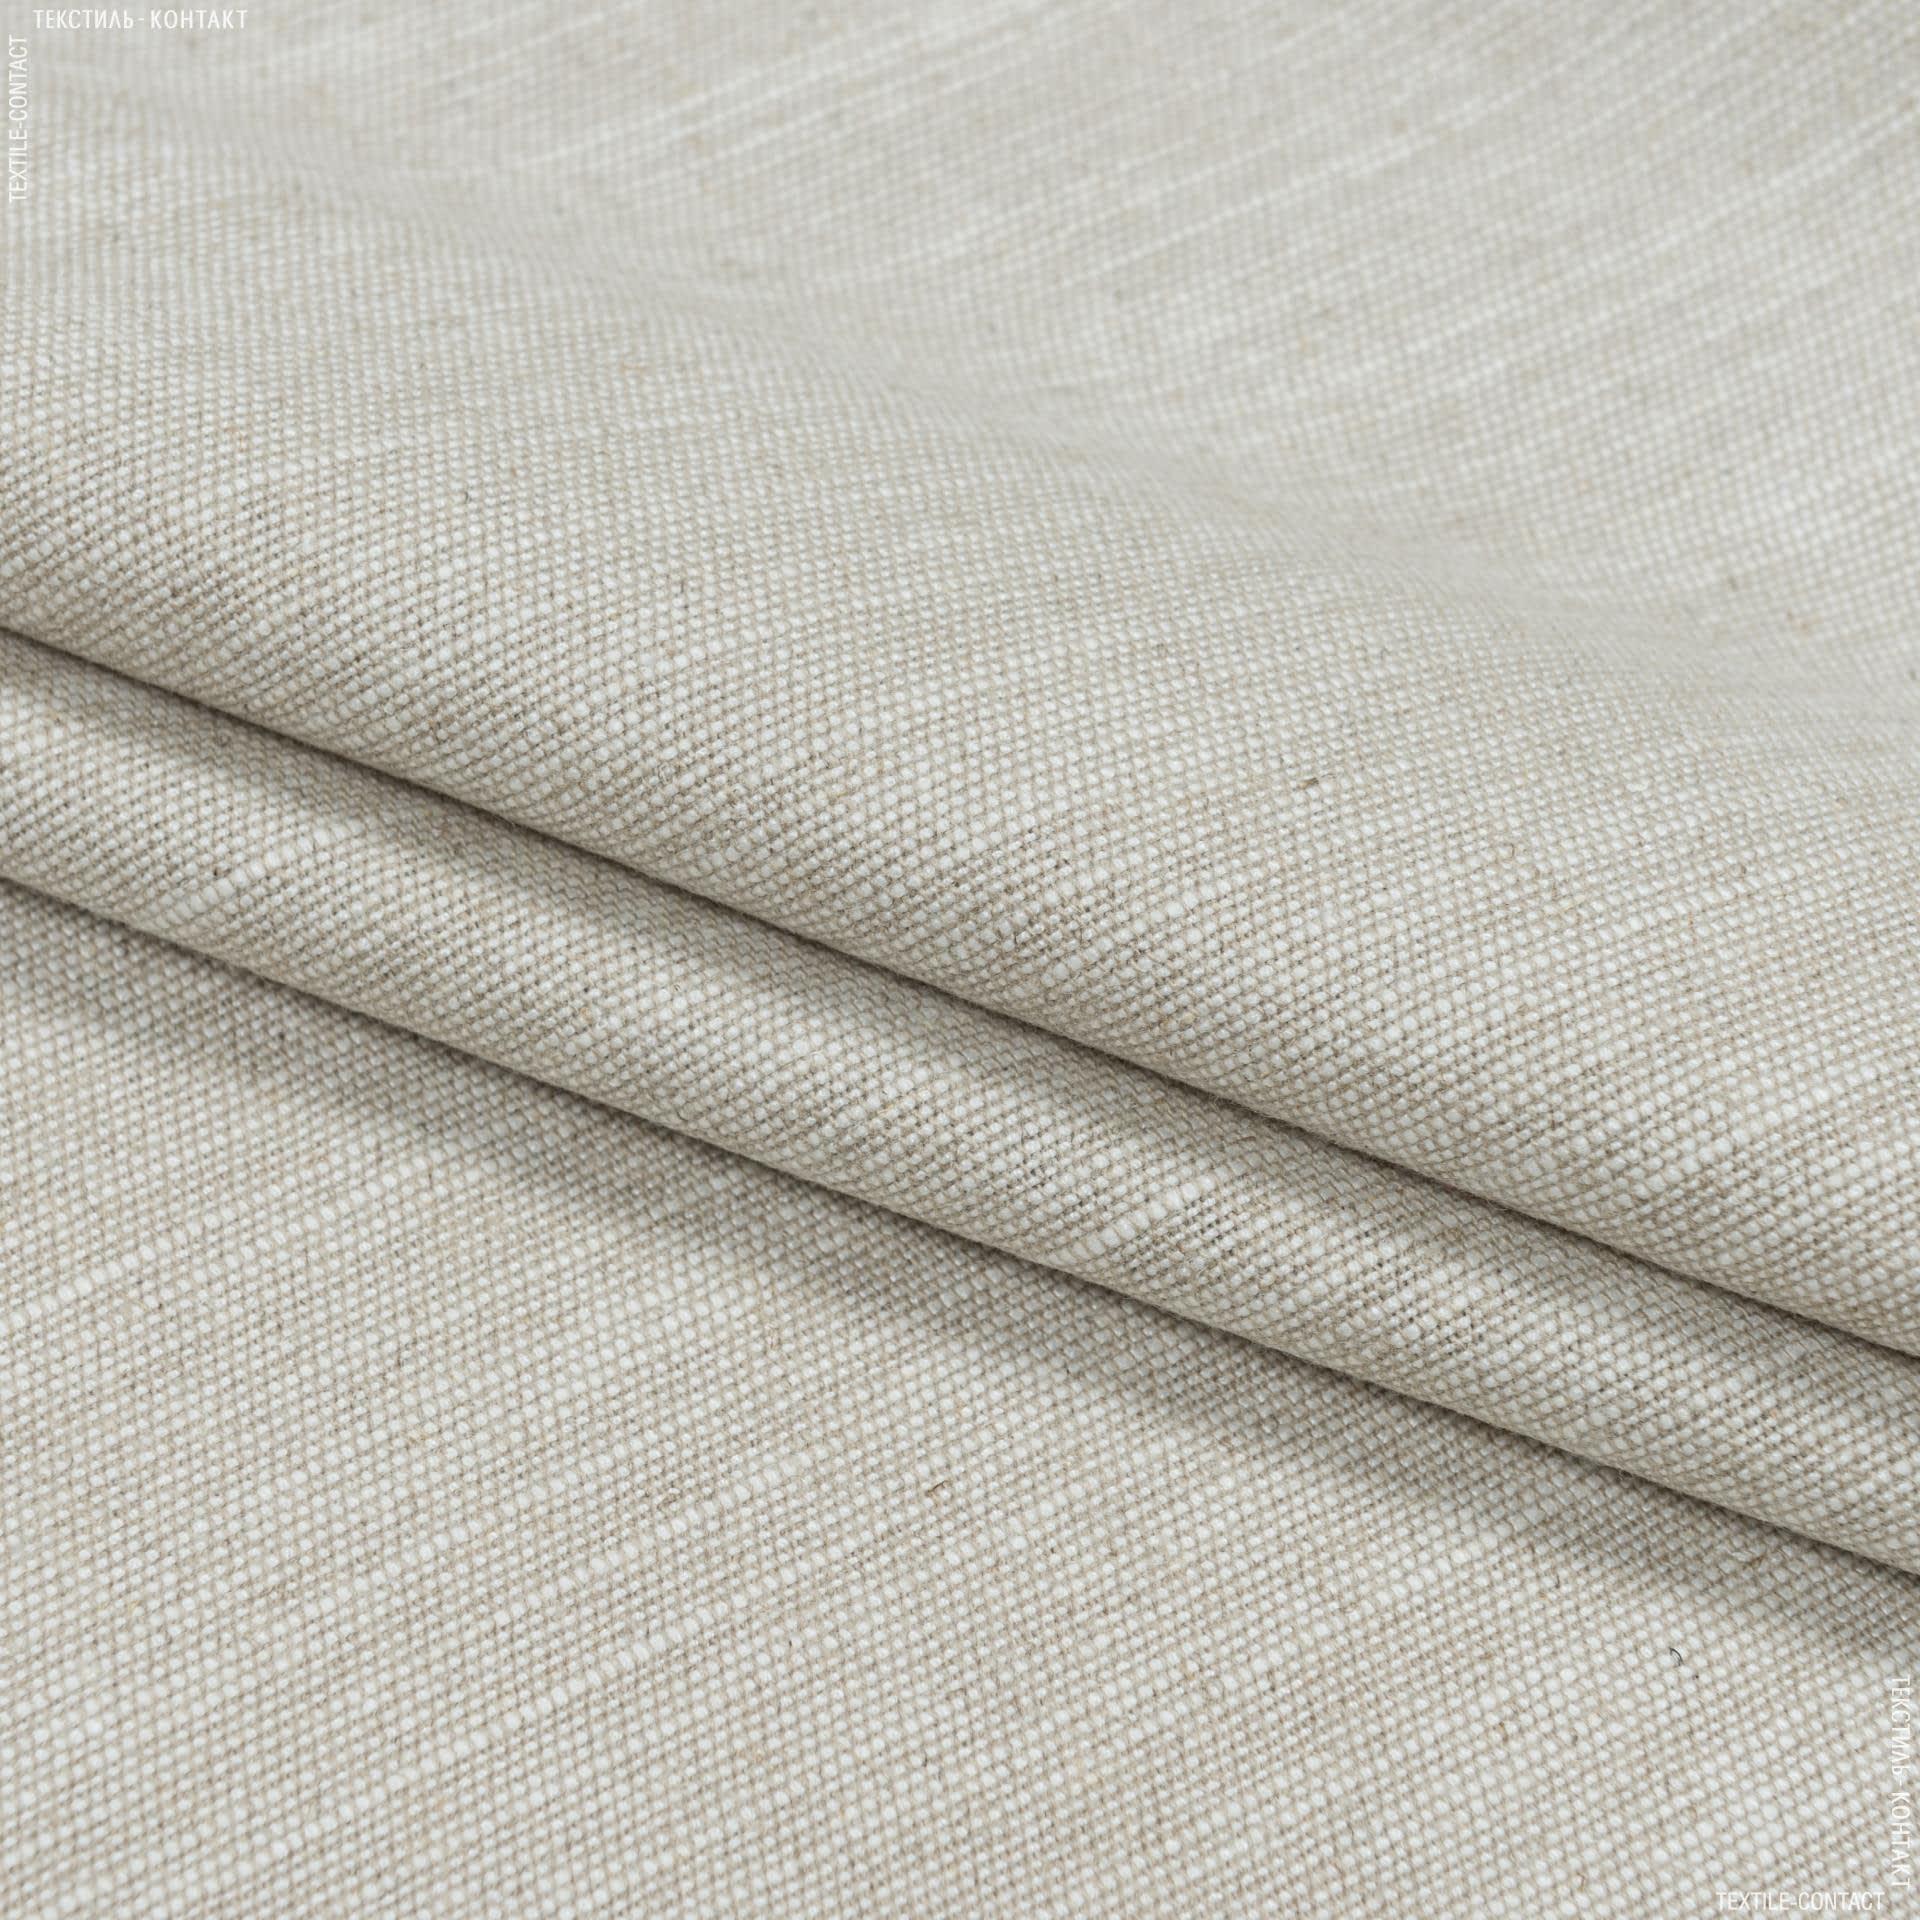 Ткани портьерные ткани - Декоративная ткань  танами / tanami натуральный